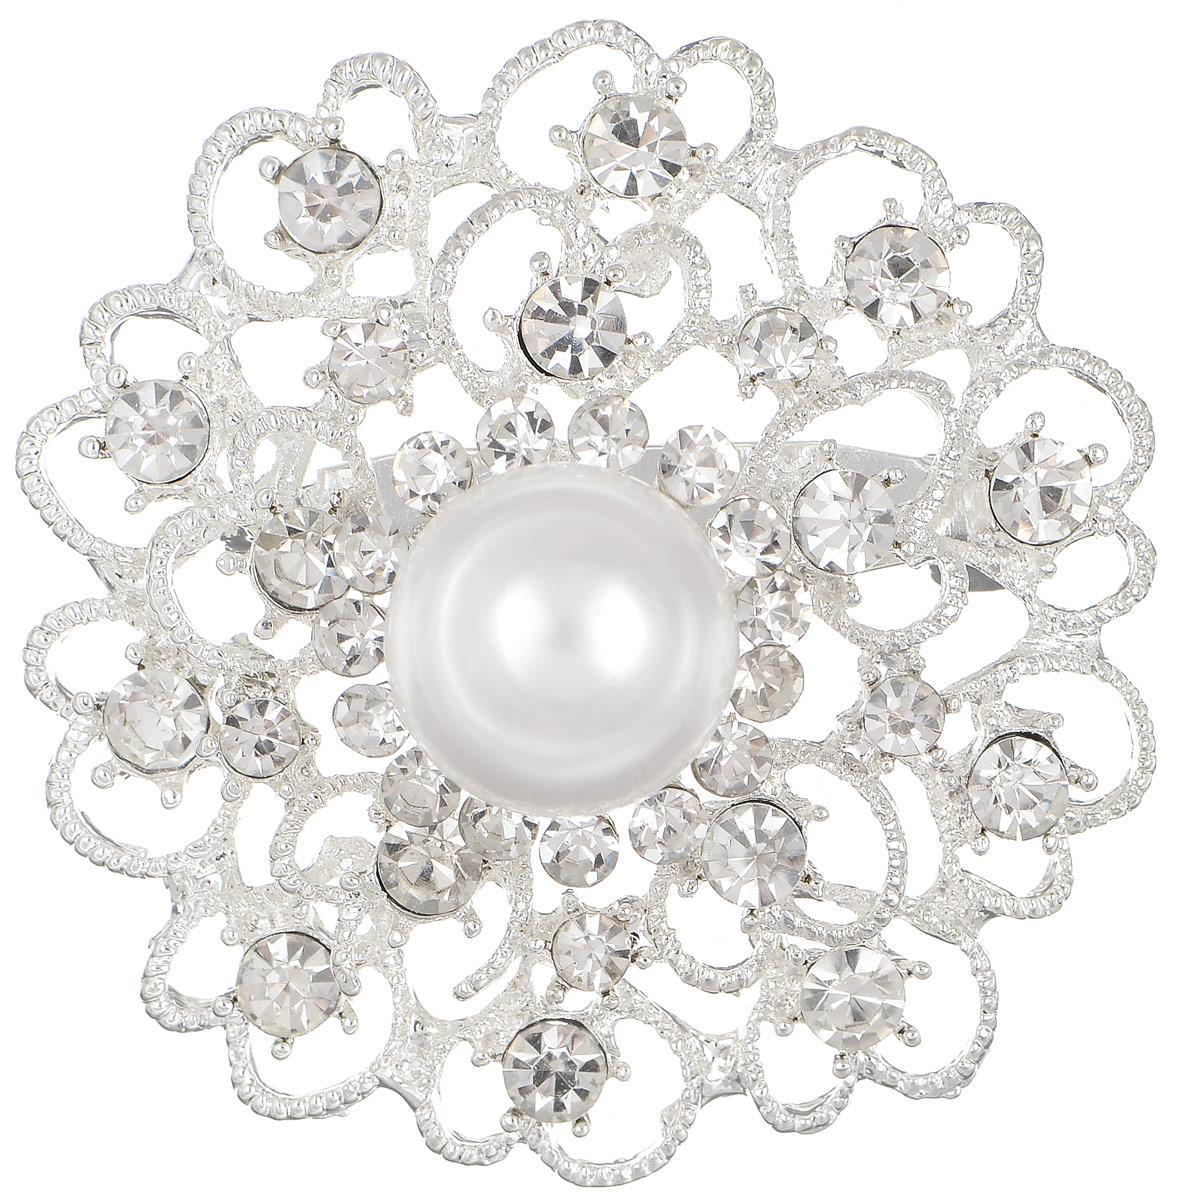 Брошь женская Mitya Veselkov, цвет: серебряный. ZAKN15-WHIZAKN15-WHIОригинальная брошь Mitya Veselkov изготовлена из качественного металла. Она станет отличным дополнением к вашему стилю. Брошь выполнена в виде красивого цветка, украшенного стразами и крупным камнем в виде жемчужины. Брошь надежно и легко фиксируется на вашей одежде с помощью замка-булавки. Оригинальный дизайн подчеркнет ваш образ и завершит его.